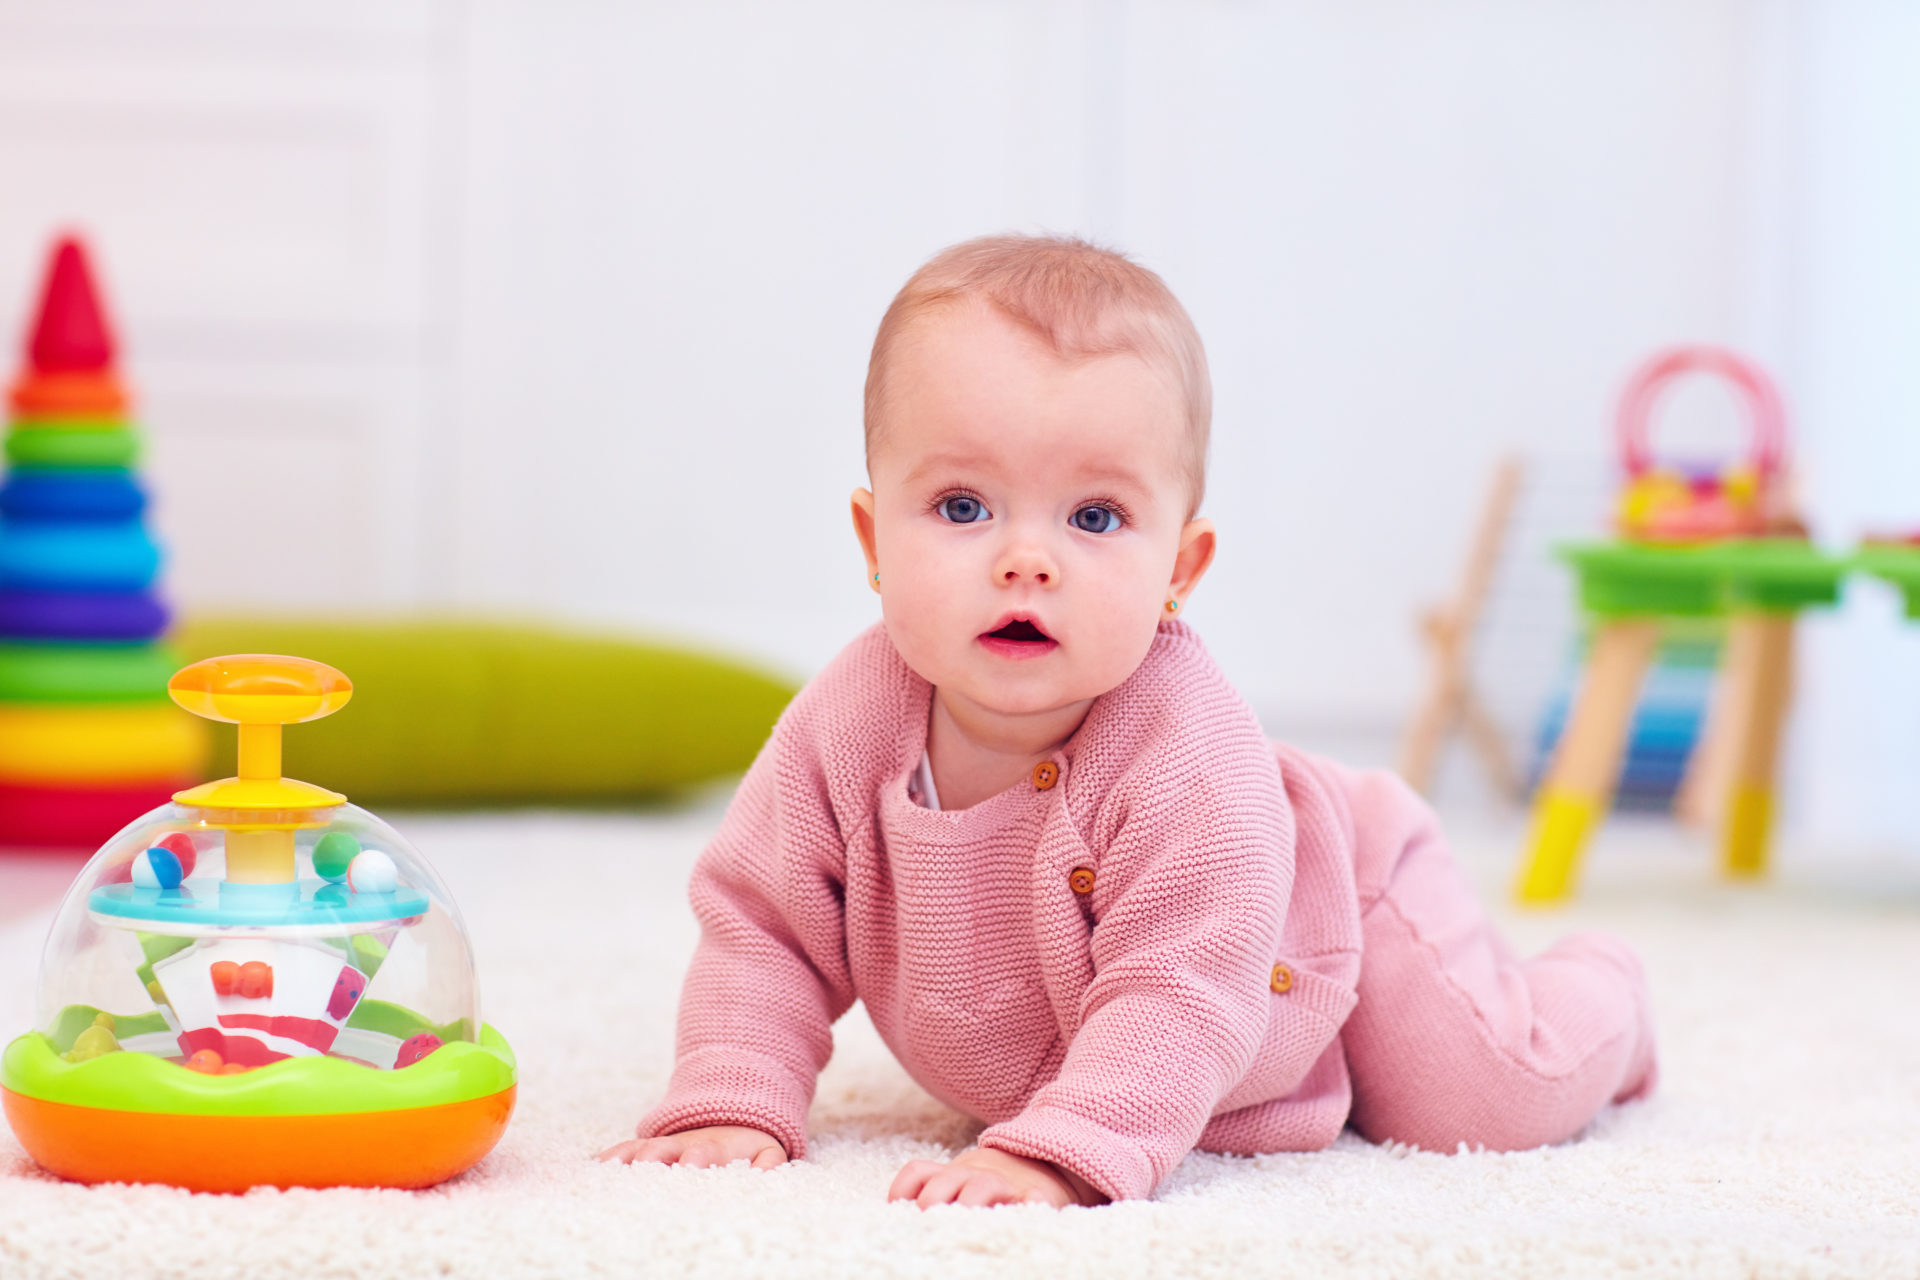 Cadeau Fille Jouet Bébé De 6 Mois, 9 Mois Et 12 Mois : Idées encequiconcerne Jeu De Bebe Pour Fille